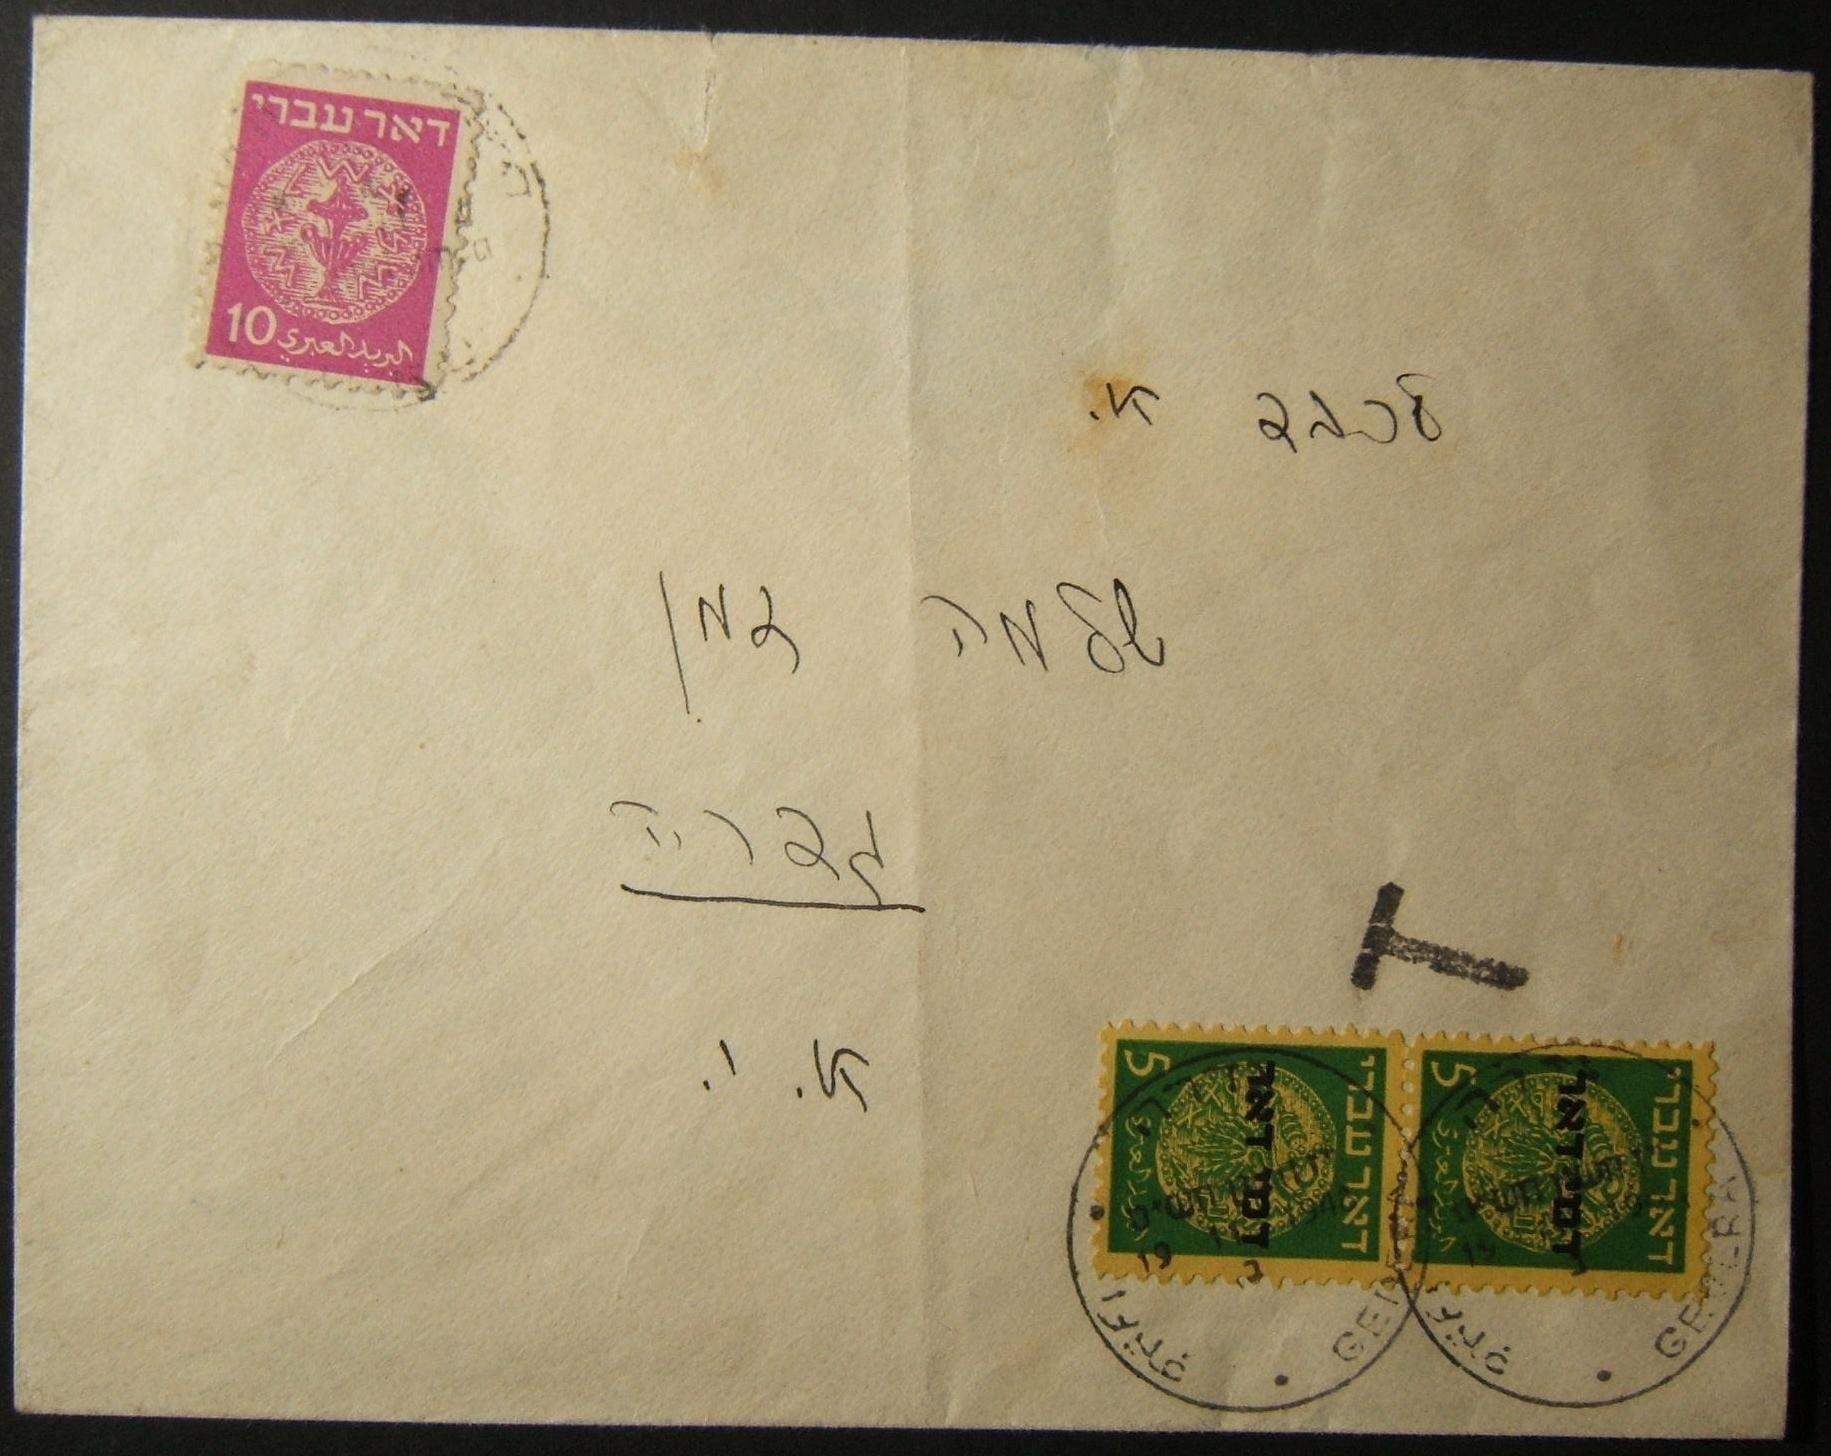 7-11-1948 هيفاء إلى جديرا غير مخفّضة للضرائب على البريد باستخدام طوابع بريدية مستحقة الدفع بواقع 5 س